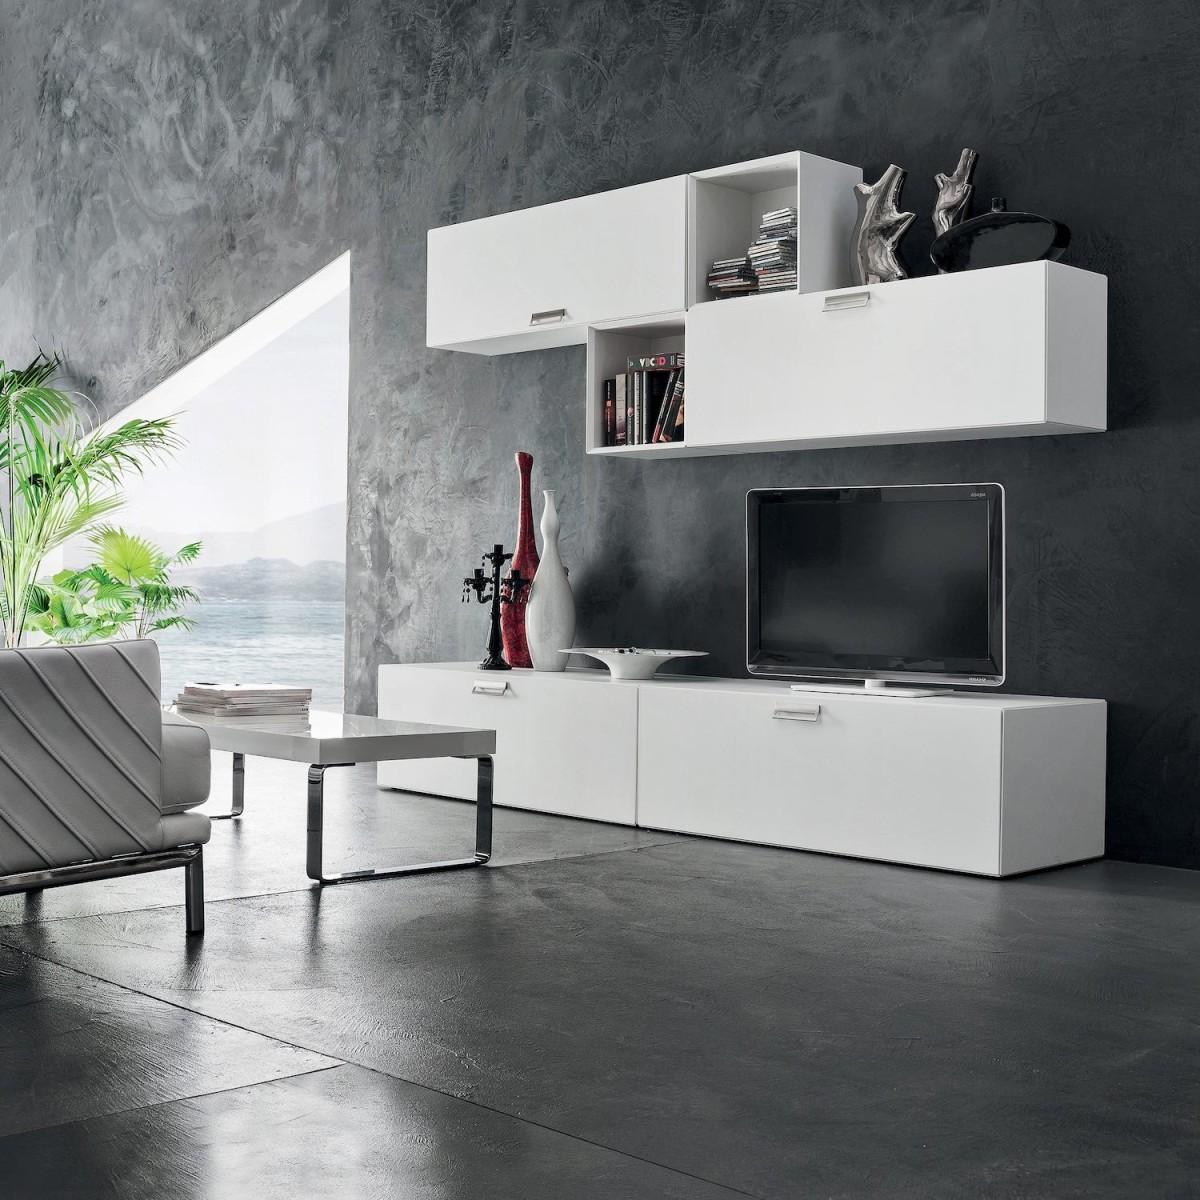 Mobili da soggiorno per tv moderni otto for Mobili x soggiorno moderni